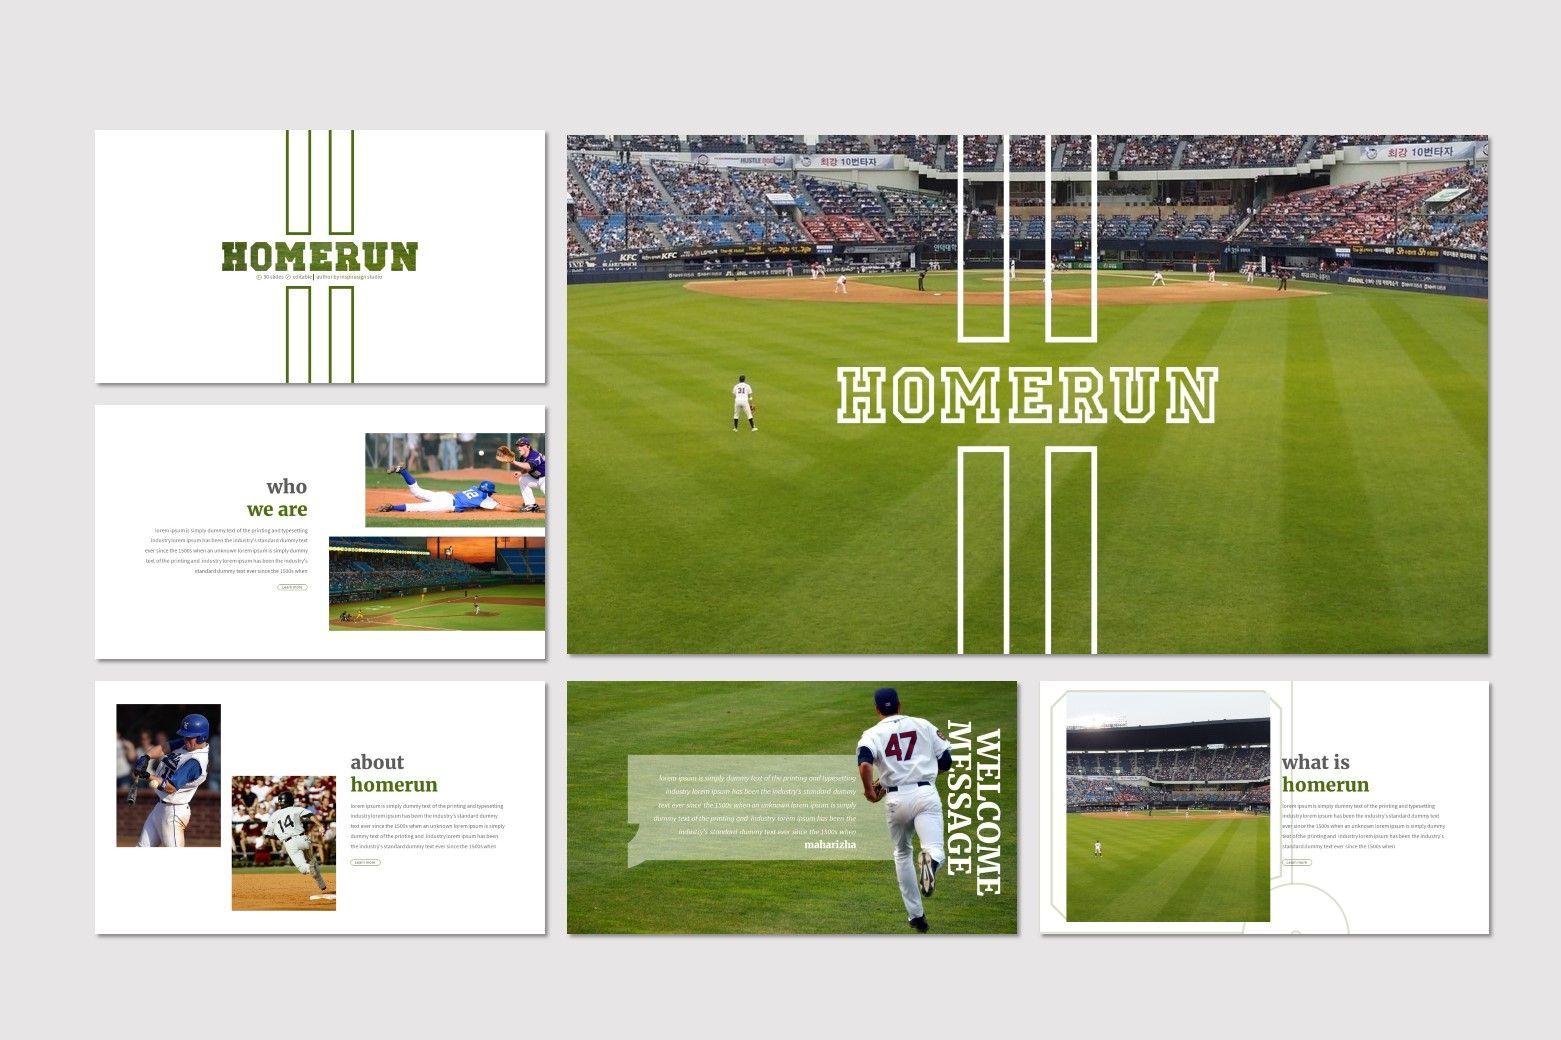 Homerun - Google Slides Template, Slide 2, 07278, Presentation Templates — PoweredTemplate.com